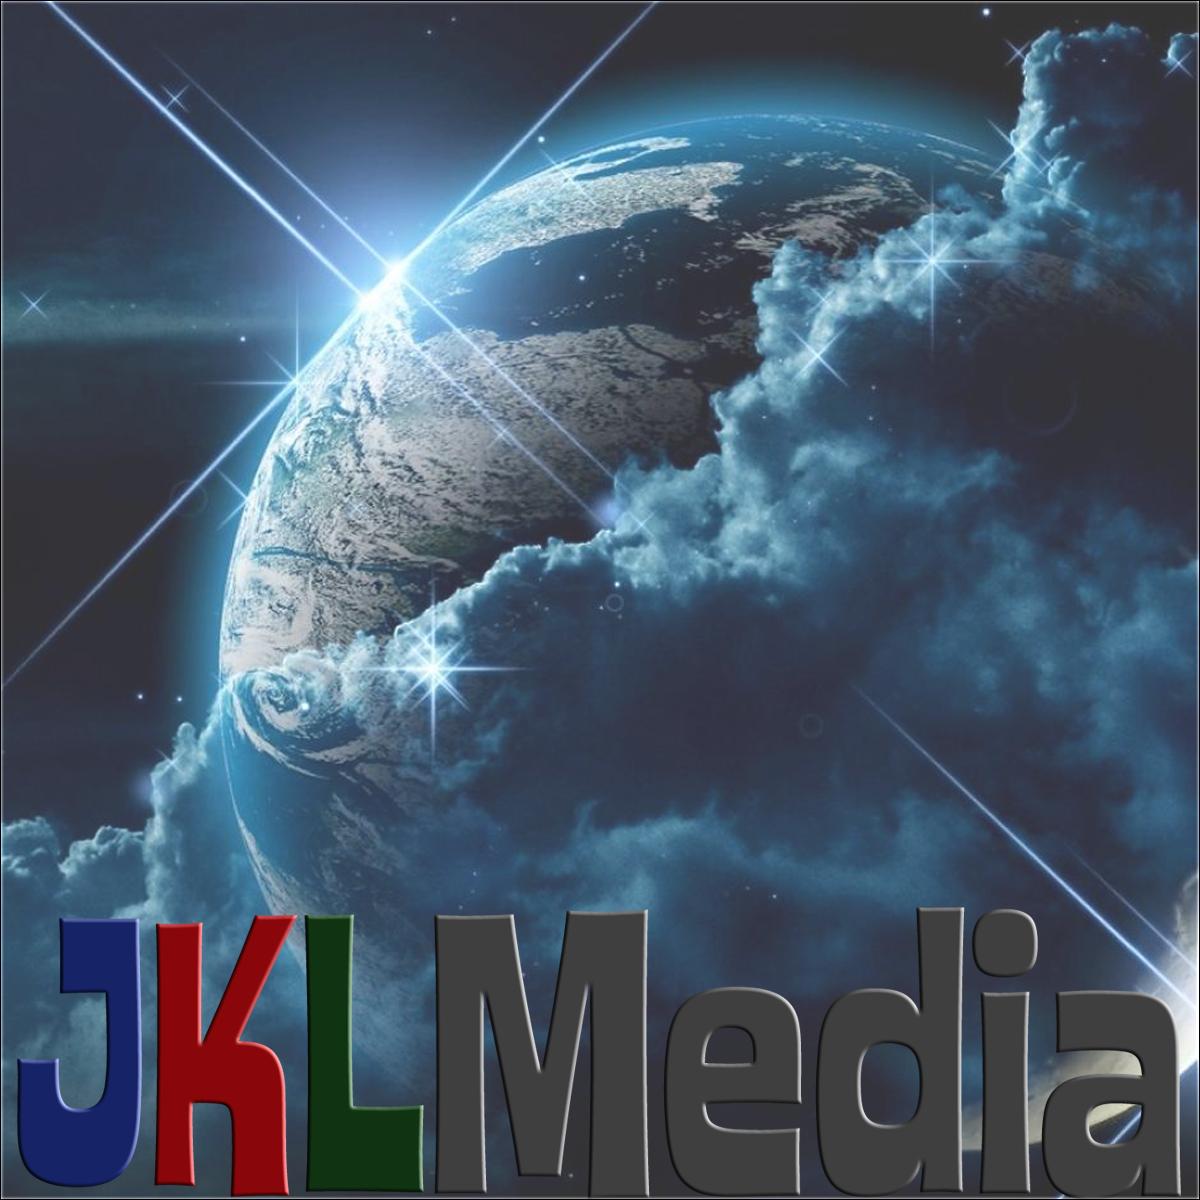 JKLMedia's podcast